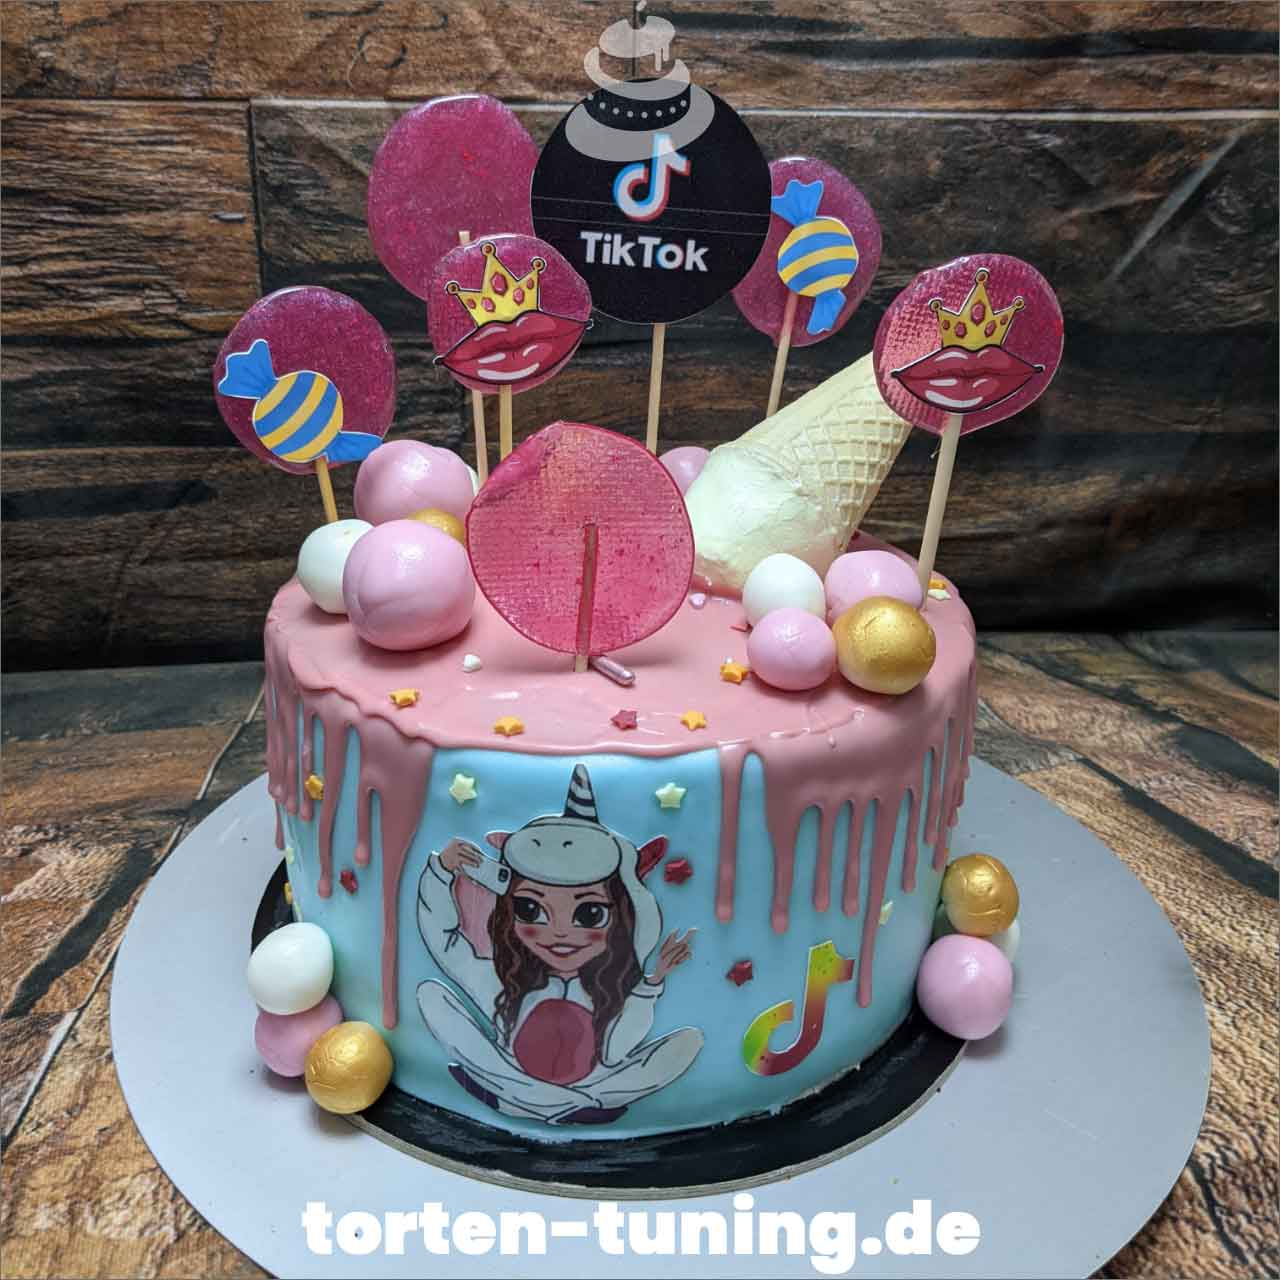 Tik Tok Torte Dripcake Obsttorte Geburtstagstorte Motivtorte Torte Tortendekoration Torte online bestellen Suhl Thüringen Torten Tuning Sahnetorte Tortenfiguren Cake Topper